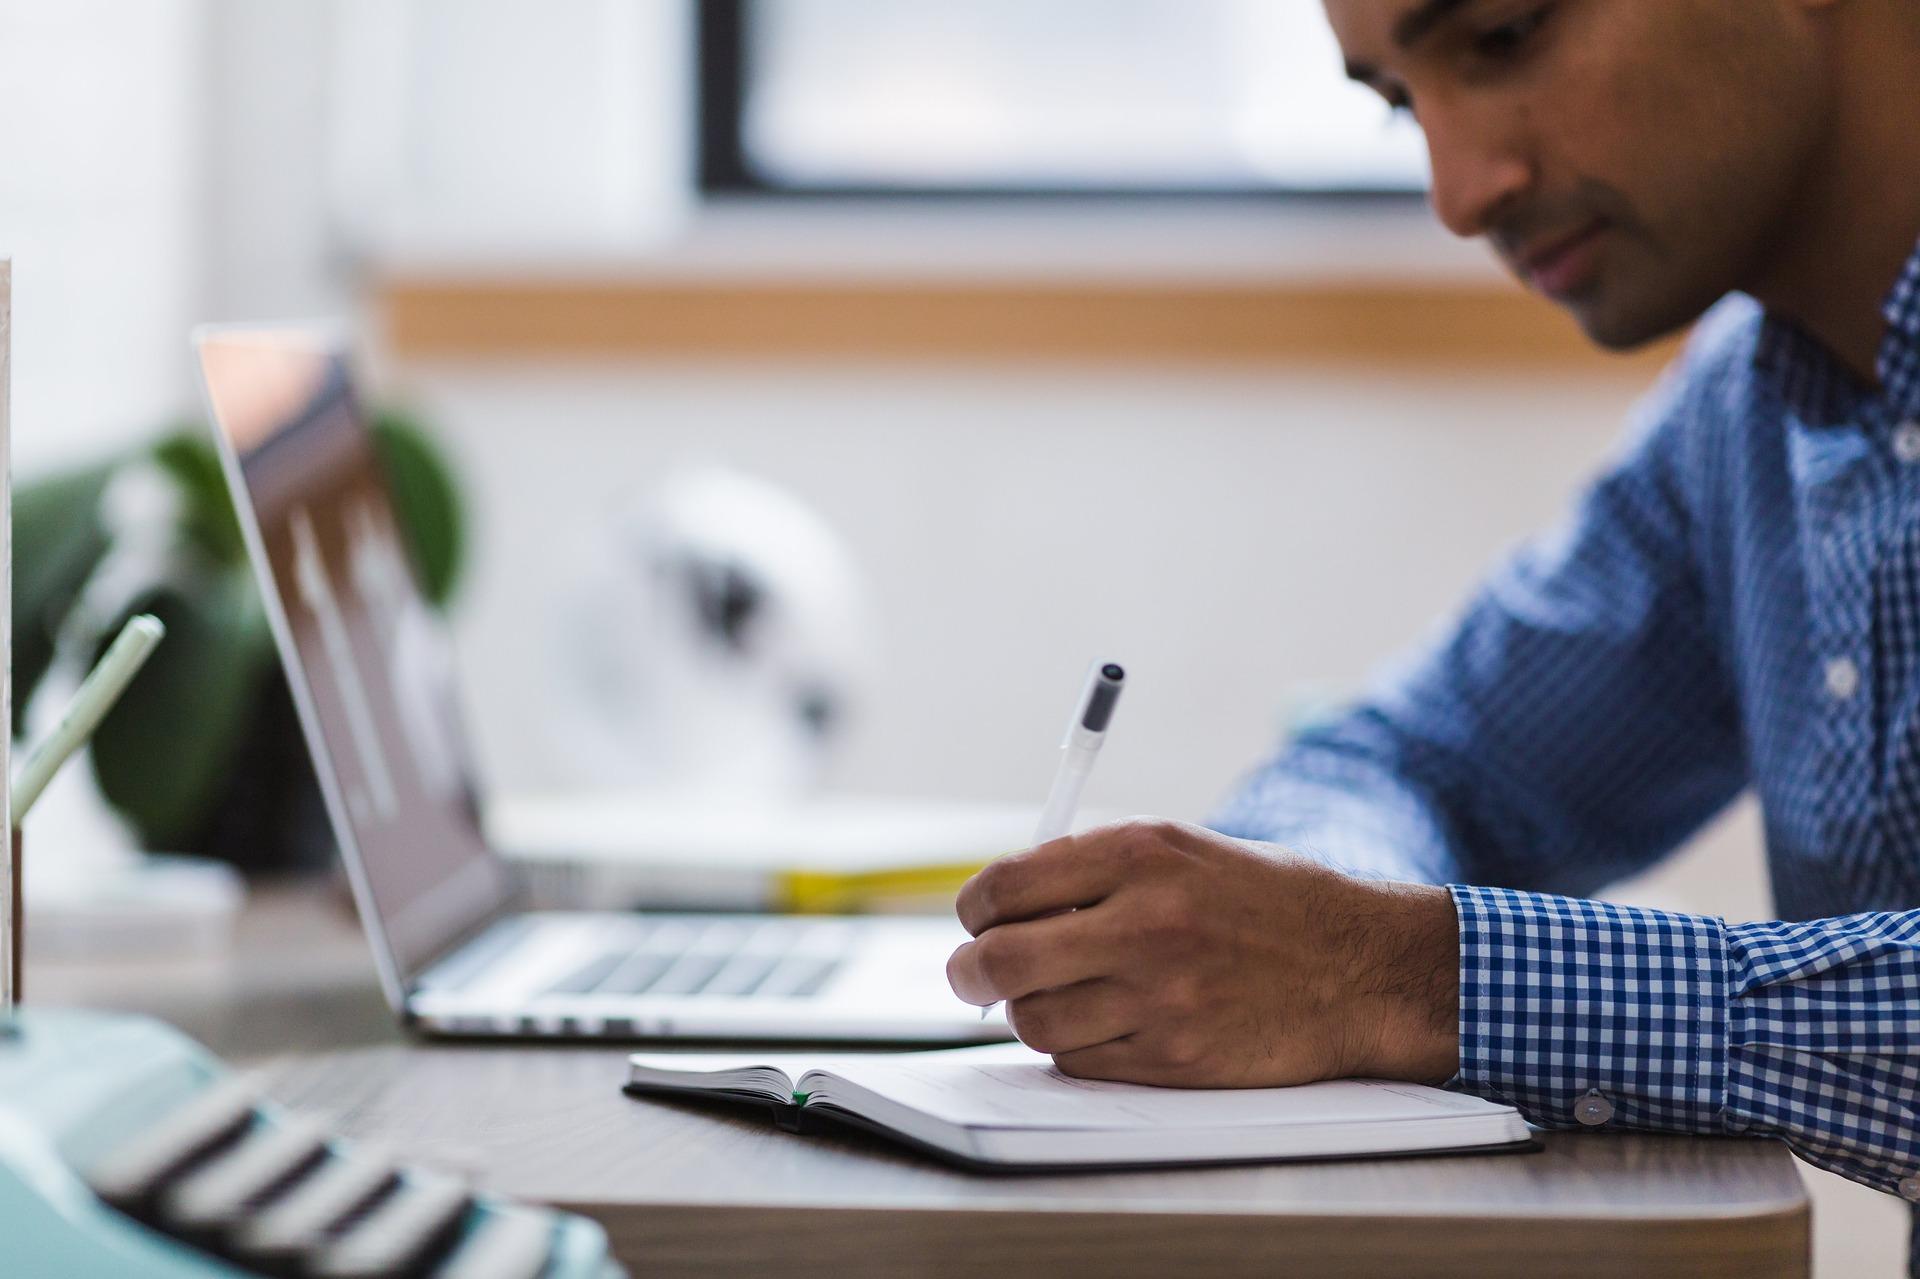 Imagem mostra um homem fazendo anotações em uma caderneta ao lado de um notebook.